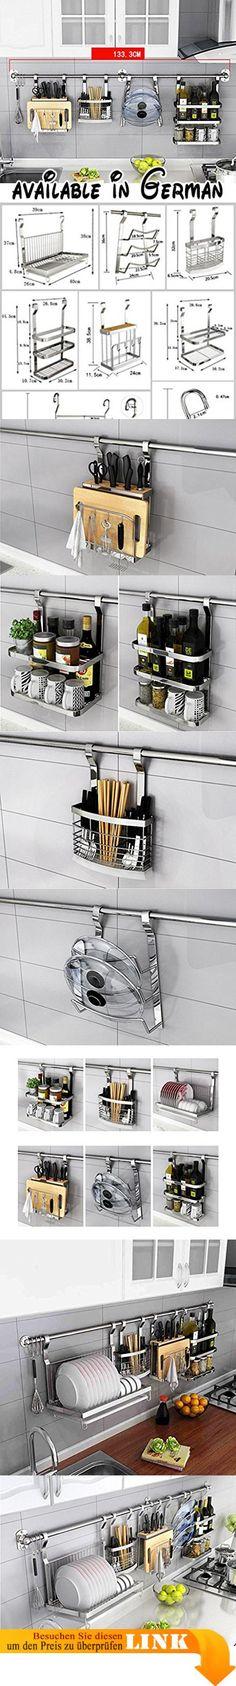 B078TTYJ28  Küche Lagerung und Organisation Besteck Racks Messer - küchen aus edelstahl